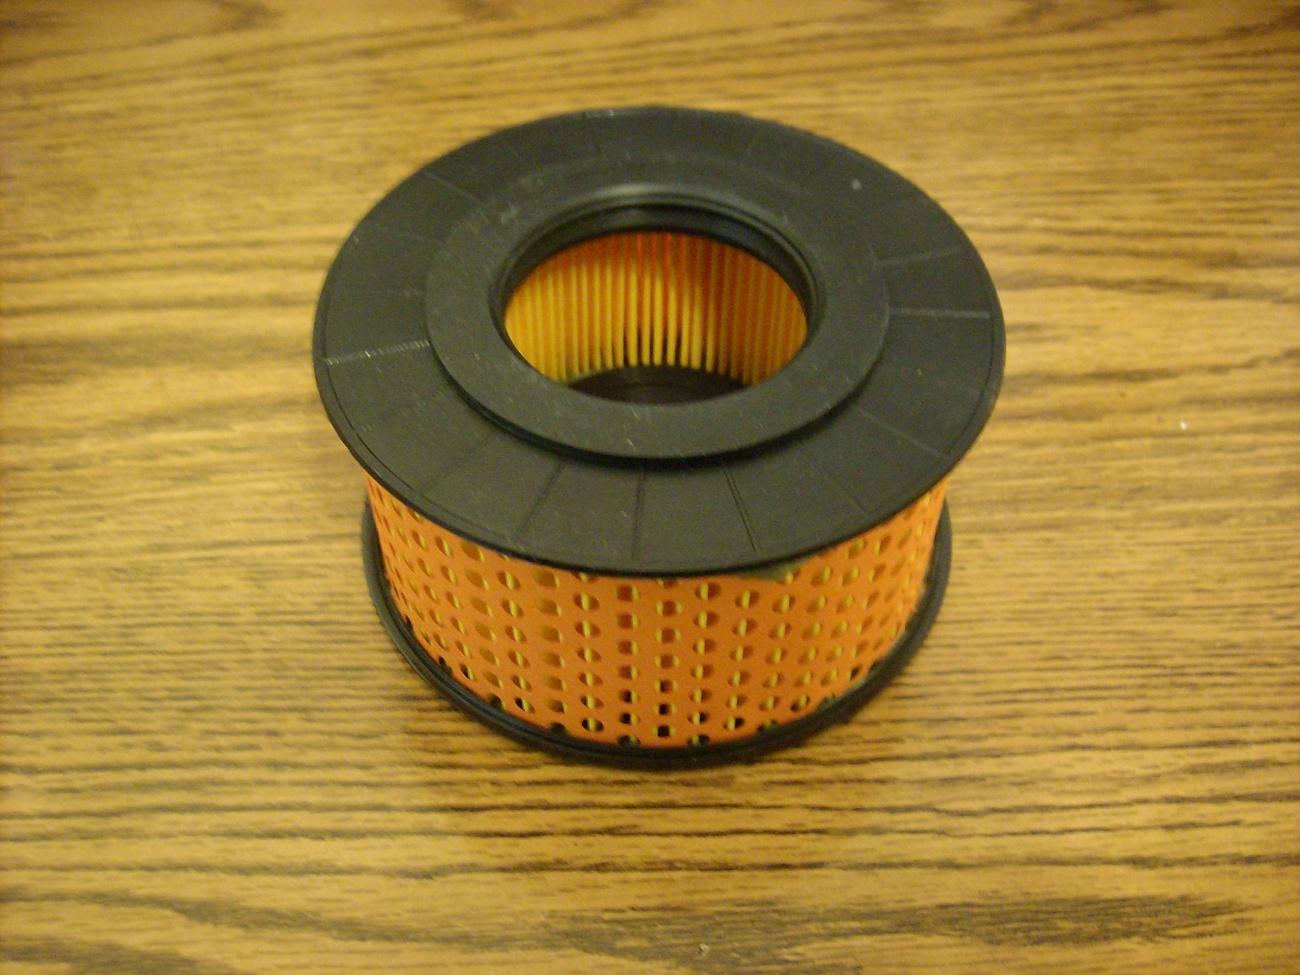 Air Filter fits Stihl TS460, TS510, TS760 cutquik saw 4221 140 4400, 42211404400